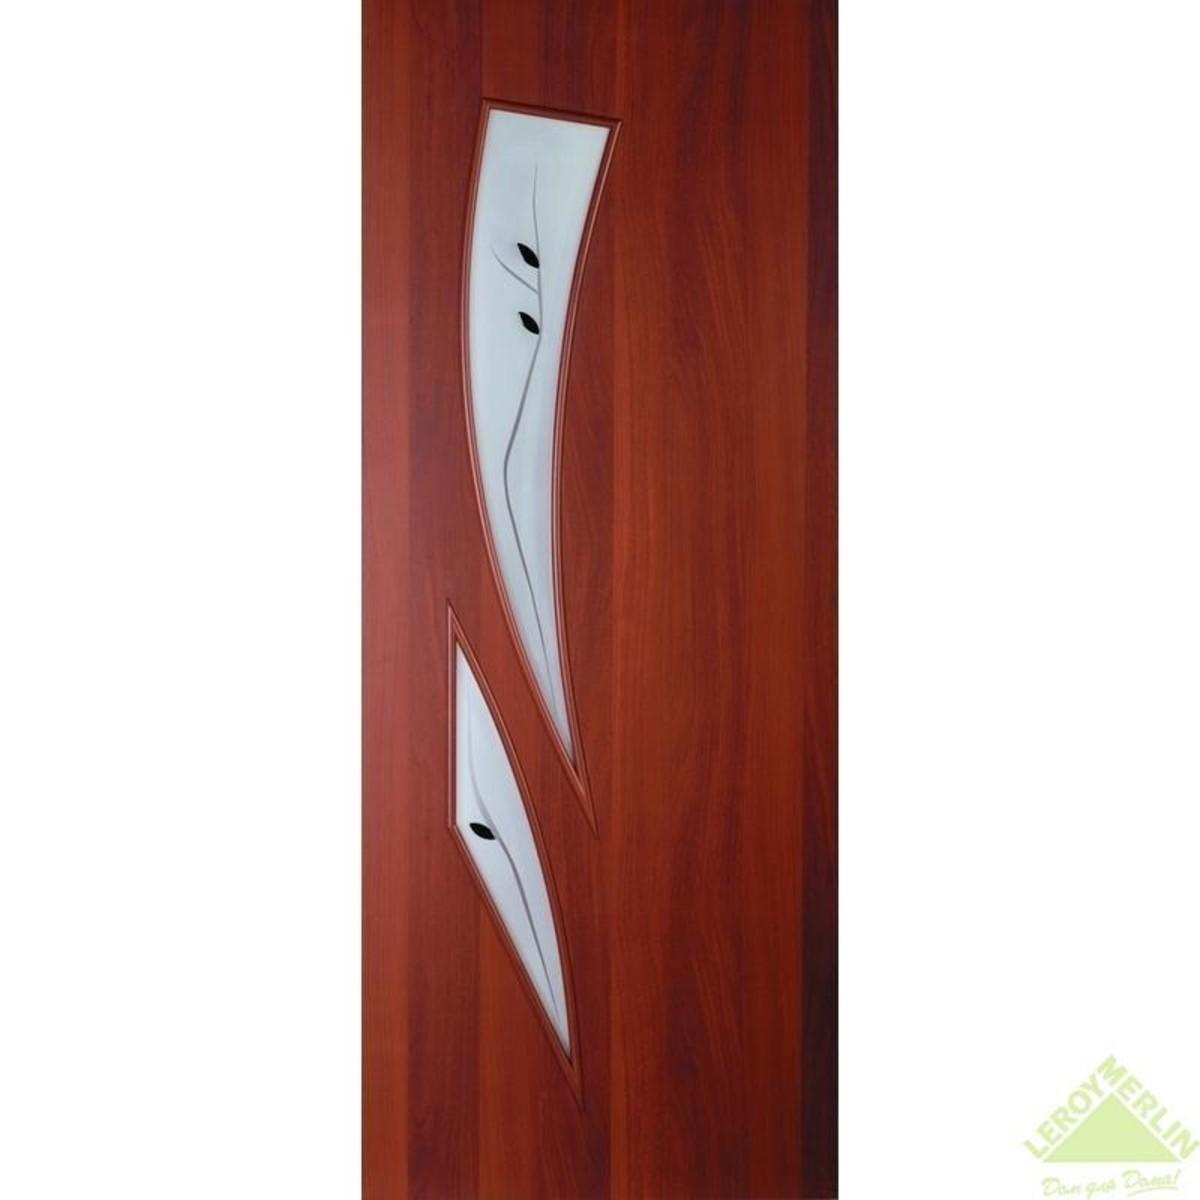 Дверь Межкомнатная Остеклённая Камея 800x2000 Ламинация Итальянский Орех